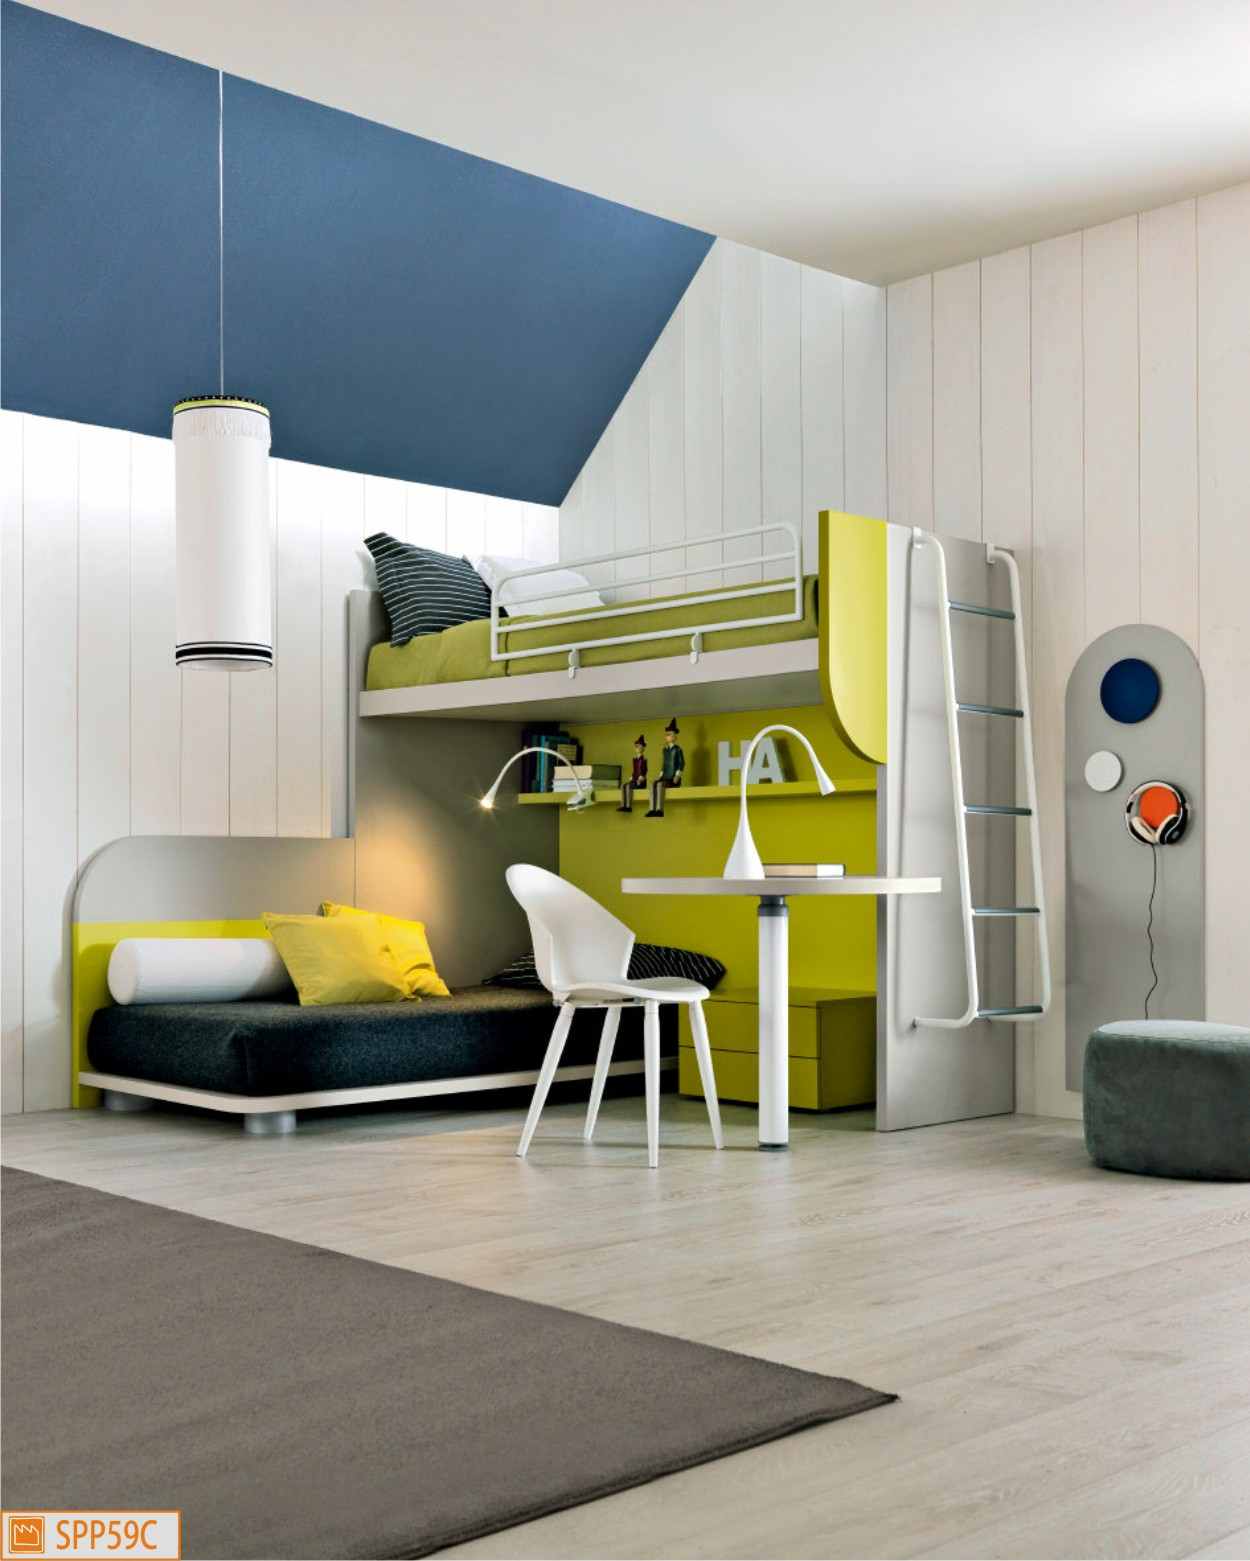 Cameretta a ponte angolare con letto - Camere da letto per ragazzi moderne ...